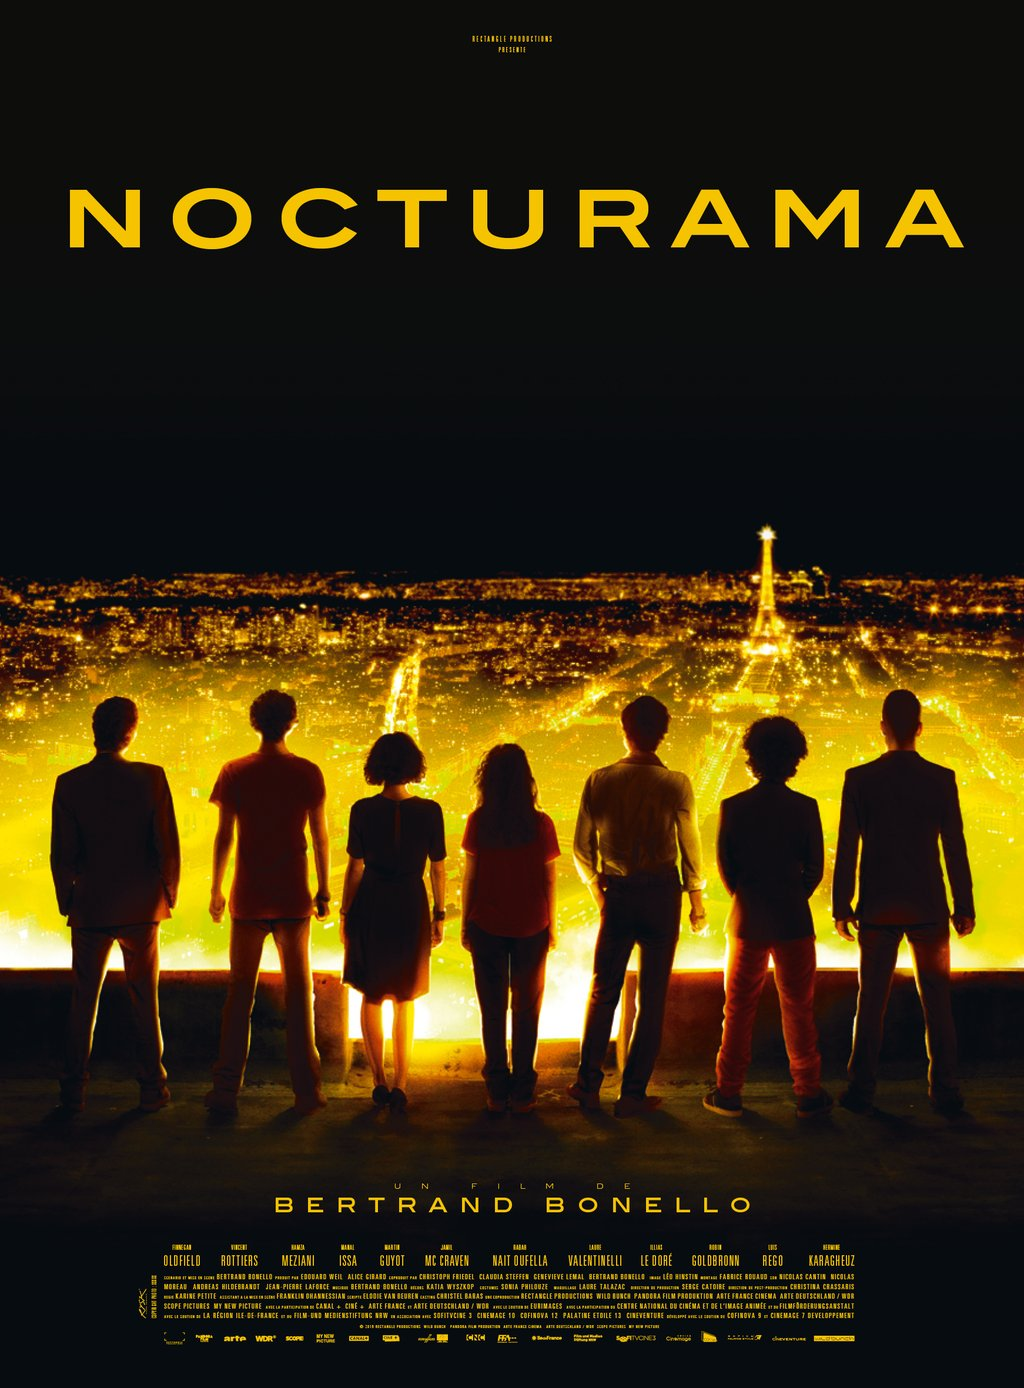 nocturama-paris-is-happening-poster